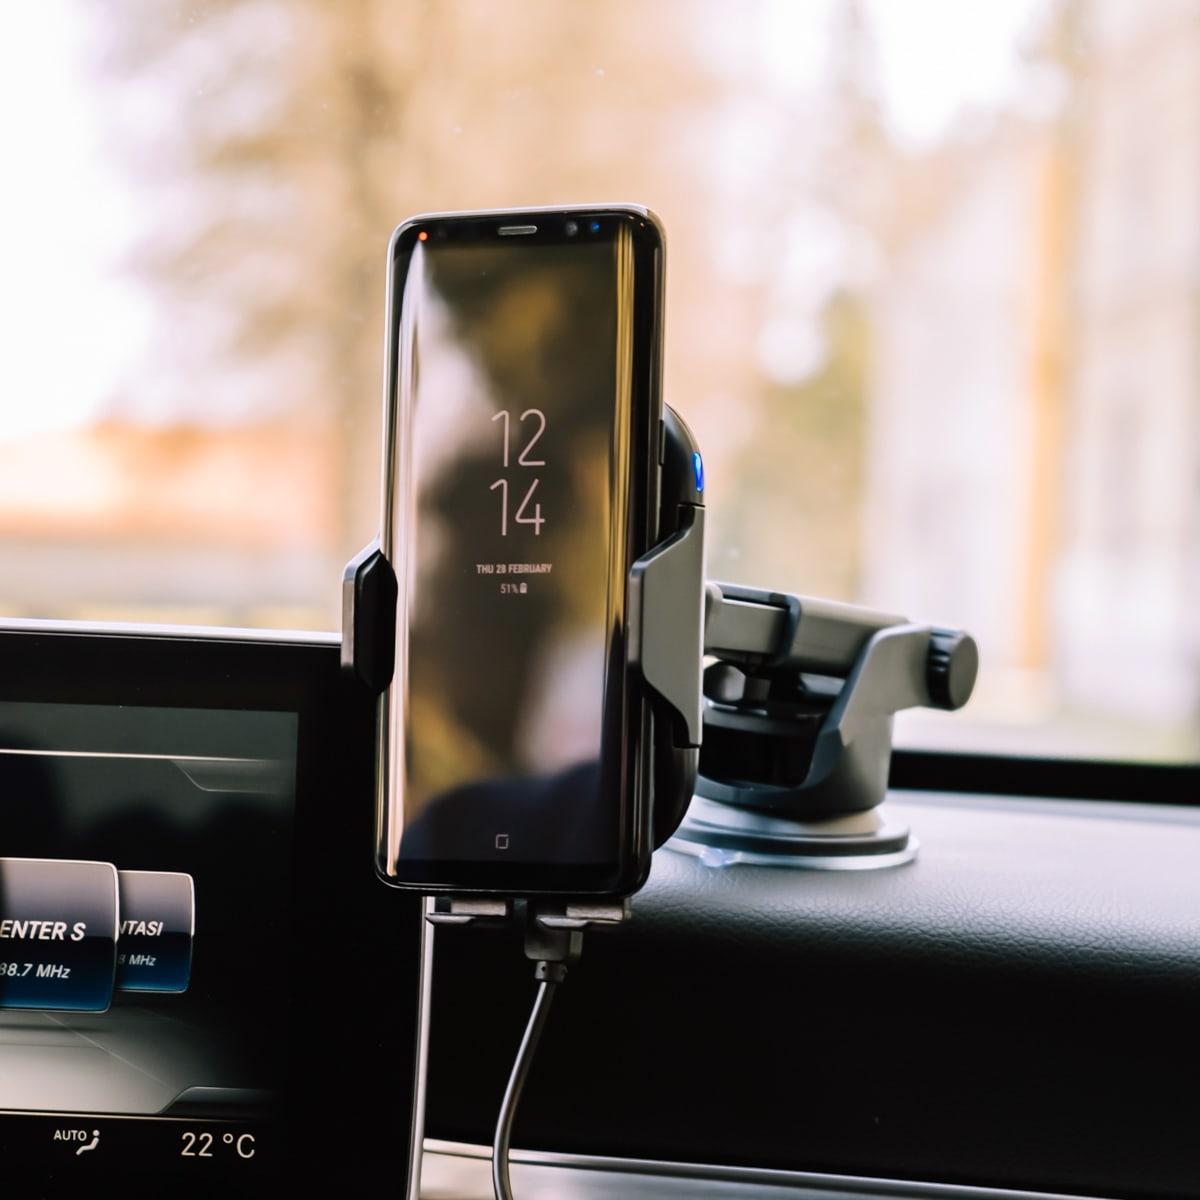 Csatlakoztassa az iphone 5-t a kocsihoz